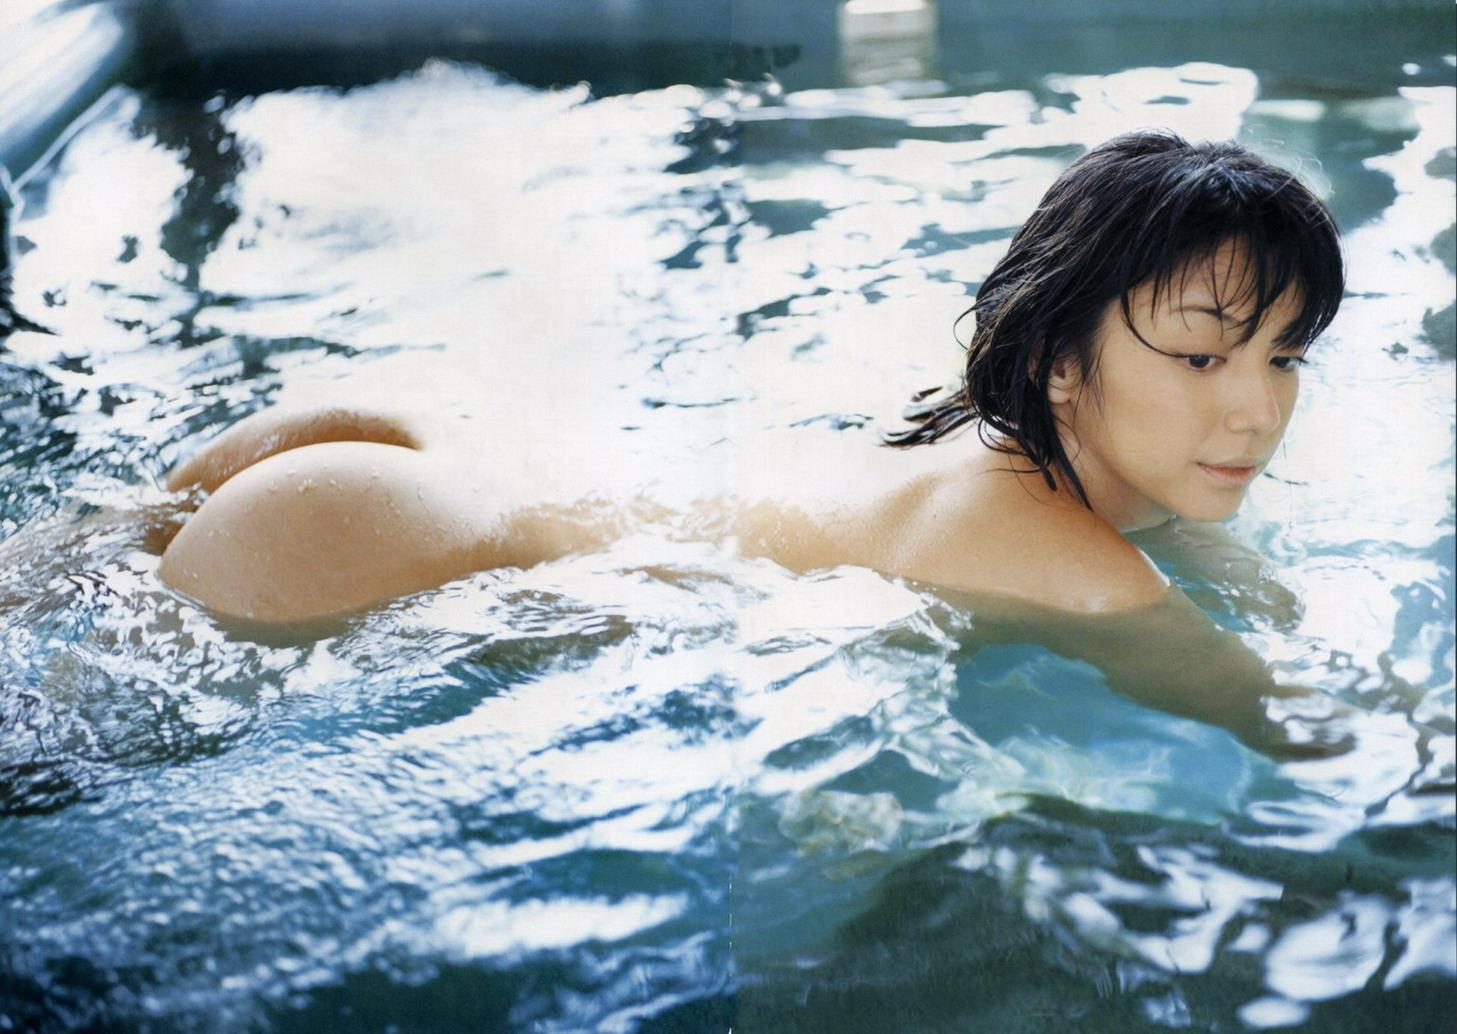 国分佐智子とセックス、それは男のロマン [無断転載禁止]©bbspink.comYouTube動画>2本 ->画像>15枚